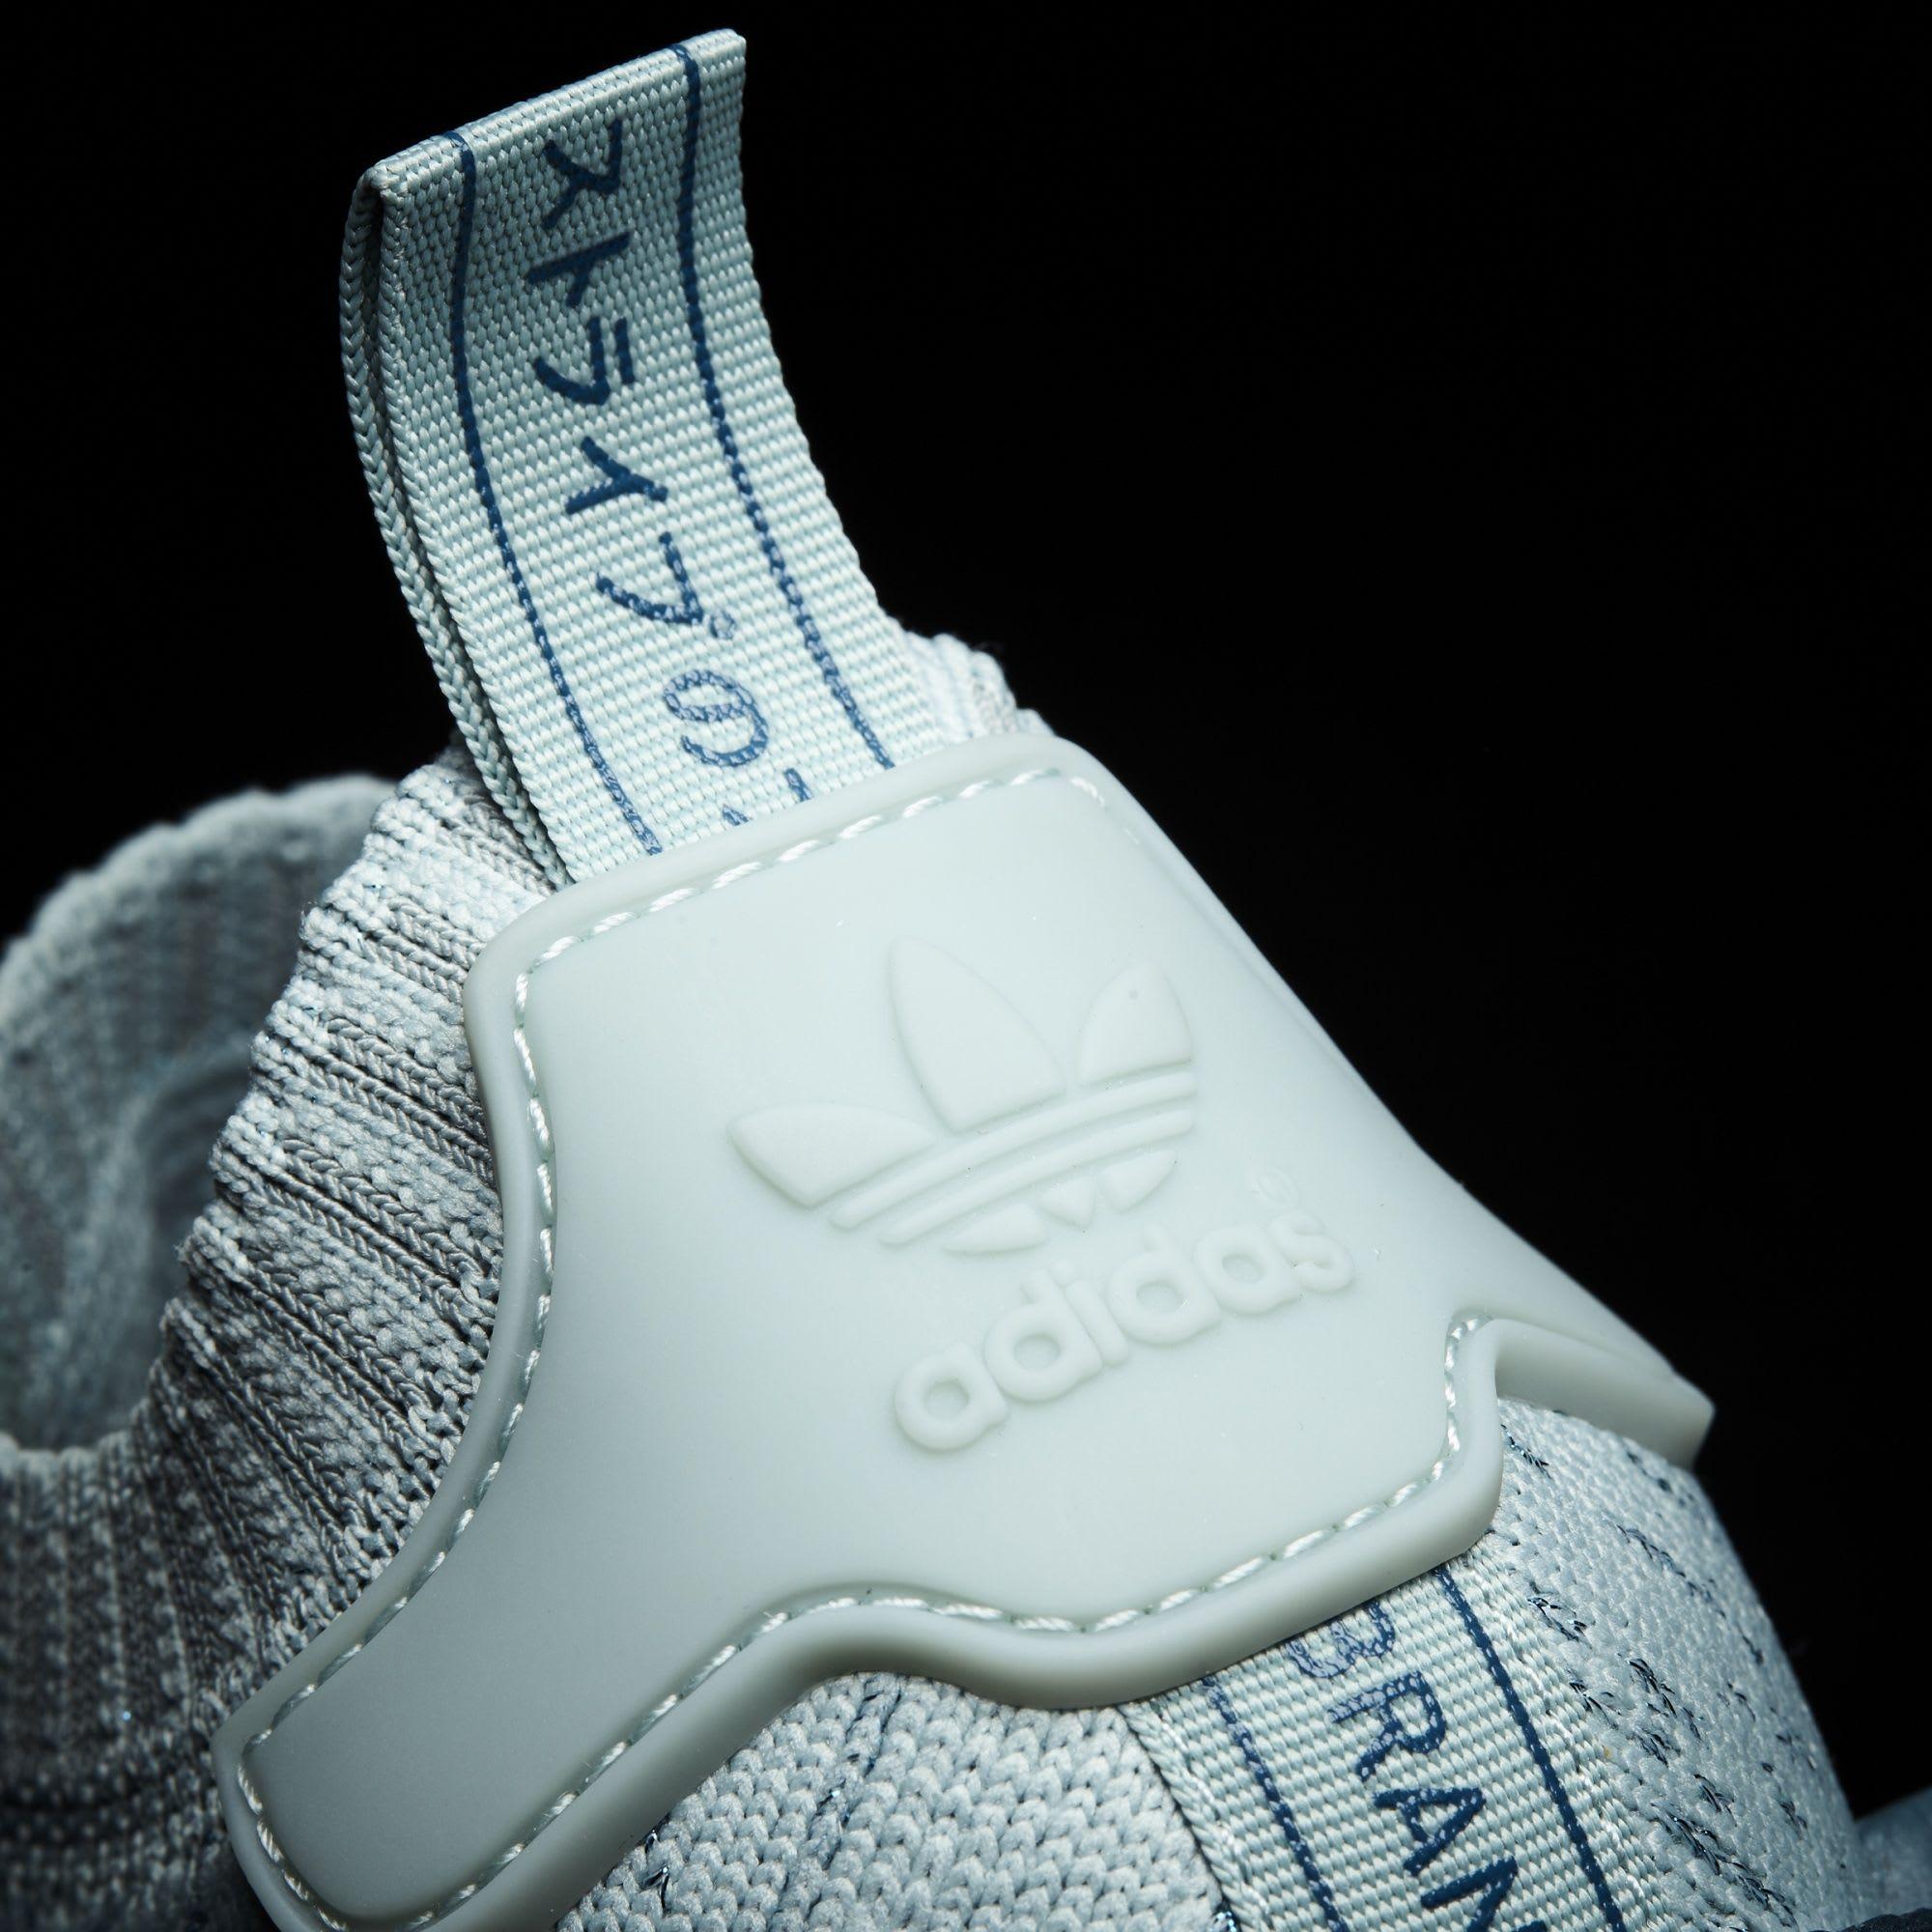 Adidas NMD Blue Grey Glitch Boost CG3601 Heel Detail